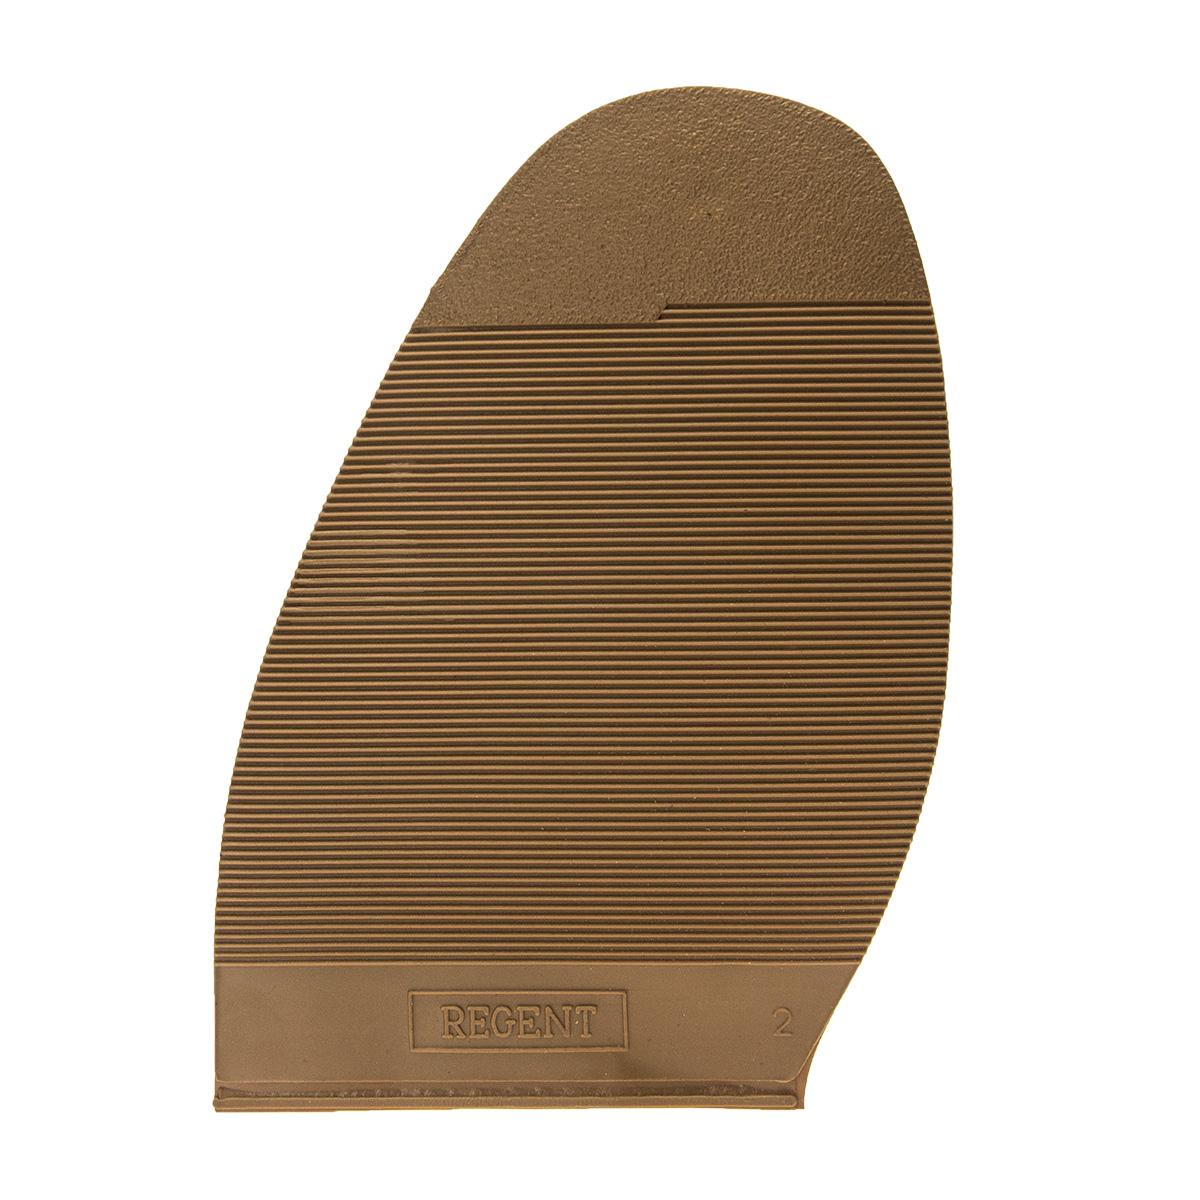 Sohlengummi Speck 1,8 mm hell für 1 Paar Halbsohlen in der Schuhreparatur